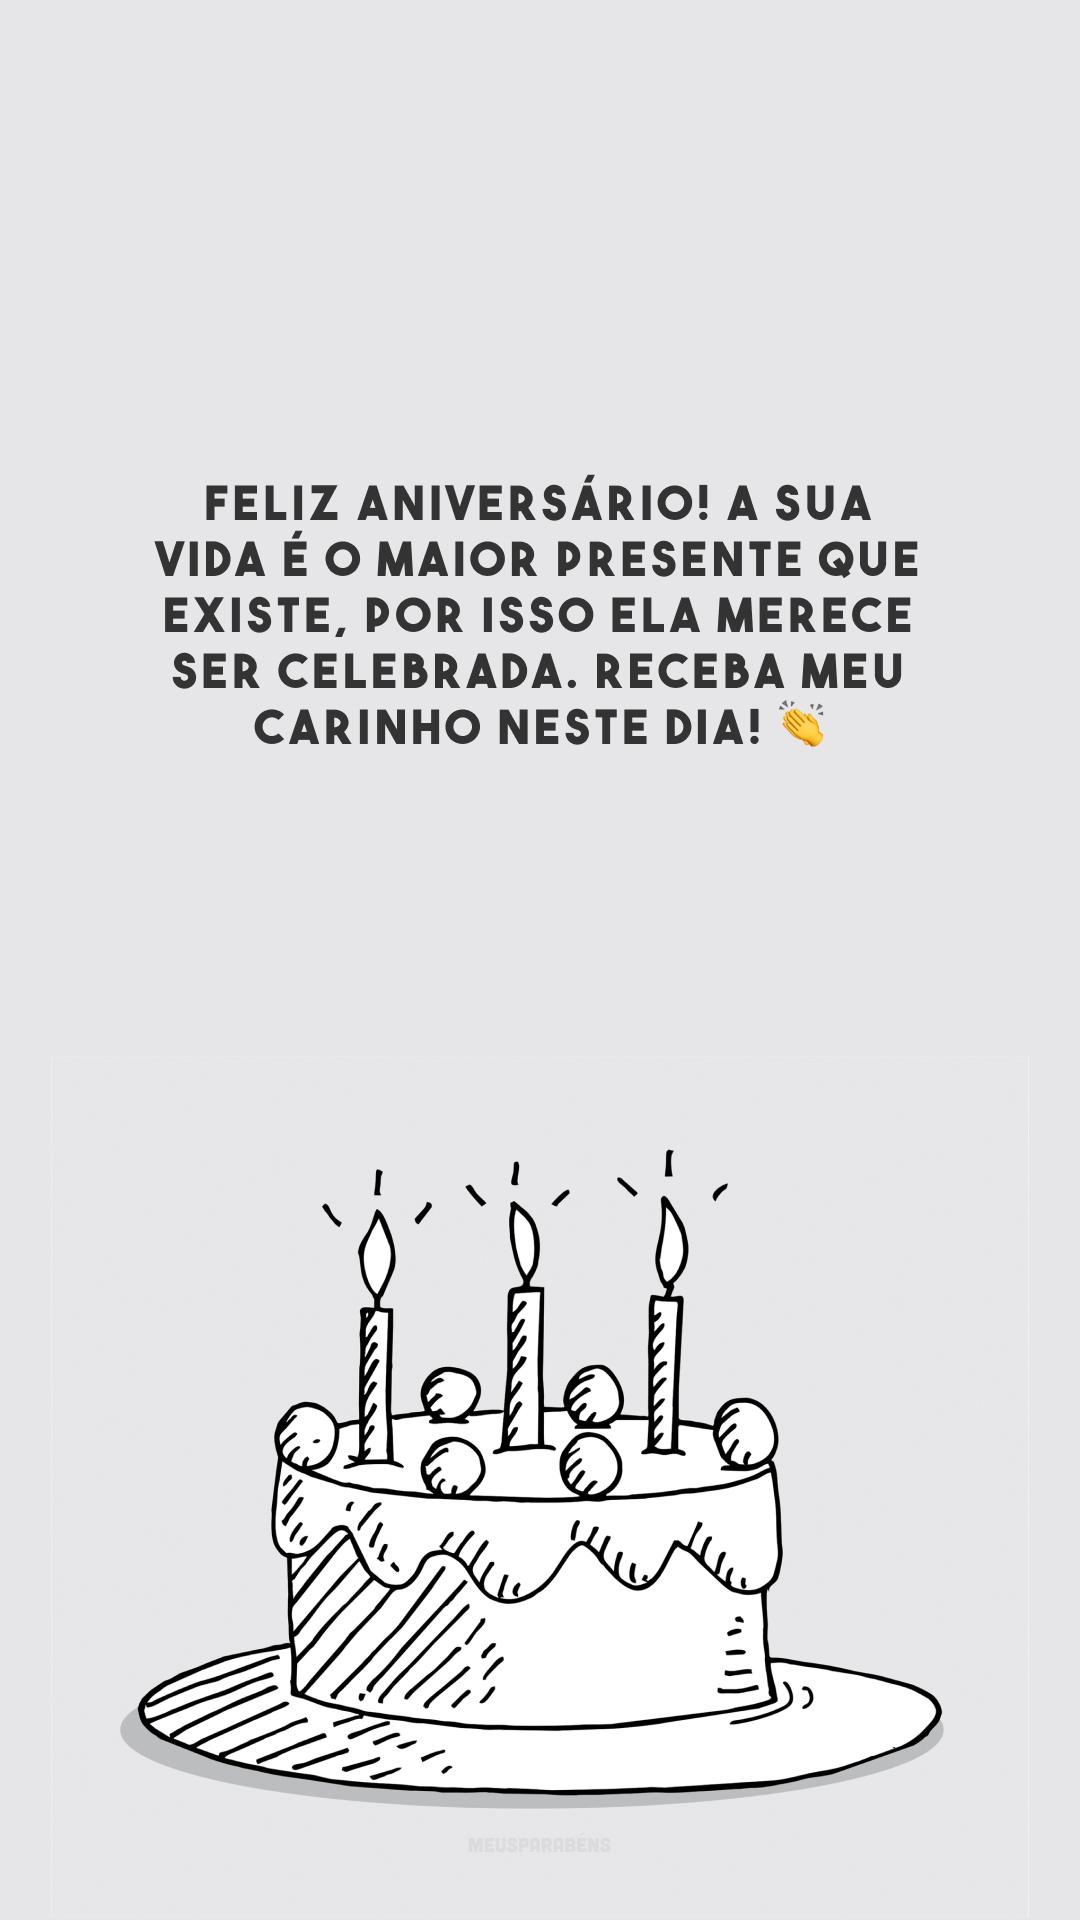 Feliz aniversário! A sua vida é o maior presente que existe, por isso ela merece ser celebrada. Receba meu carinho neste dia! 👏